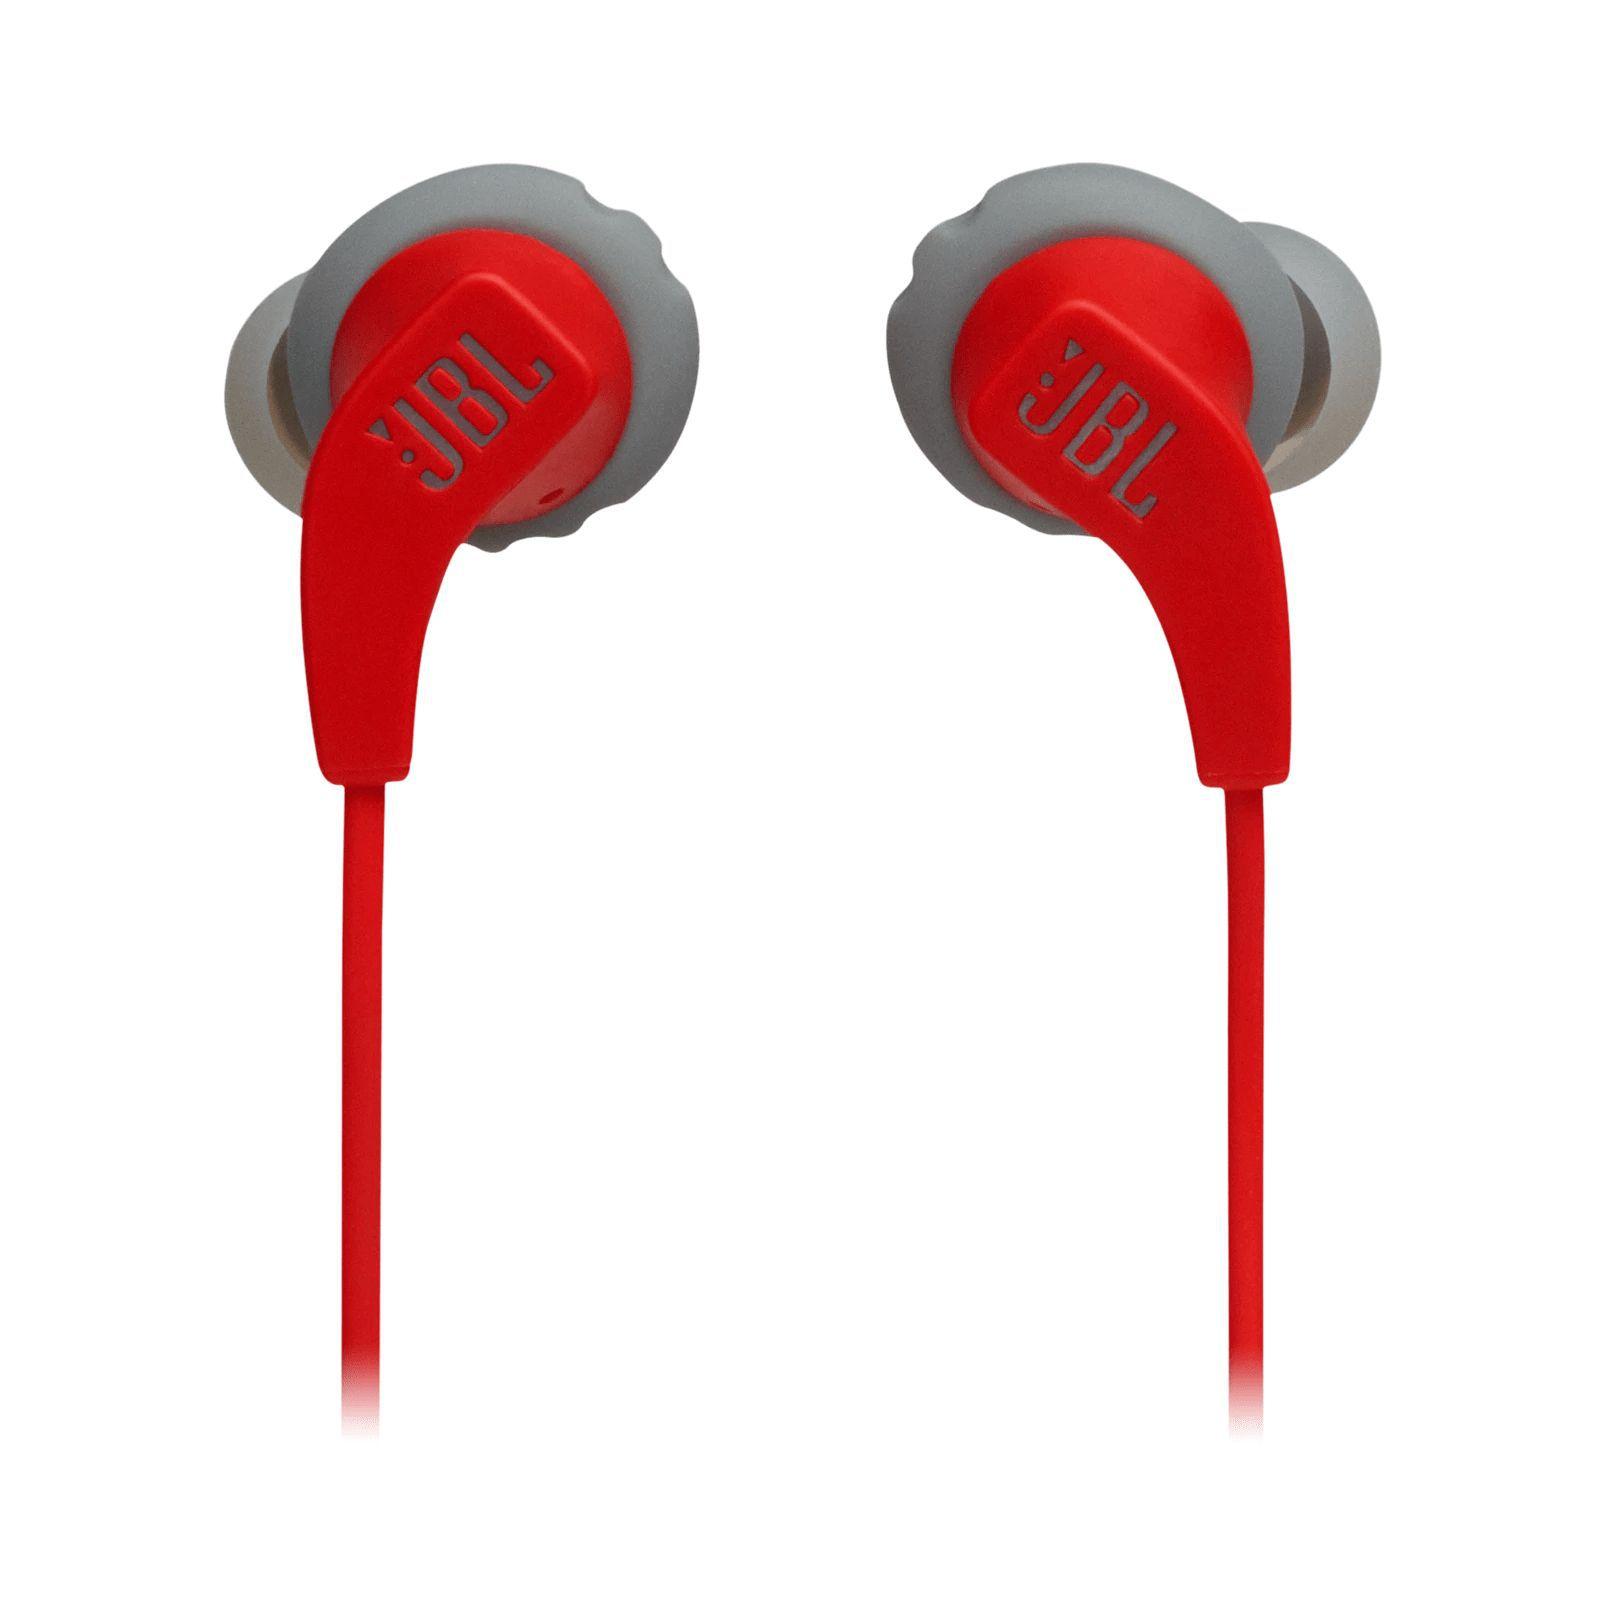 Fone de Ouvido Bluetooth JBL Endurance RUNBT - Vermelho e Cinza JBLENDURRUNBTRED